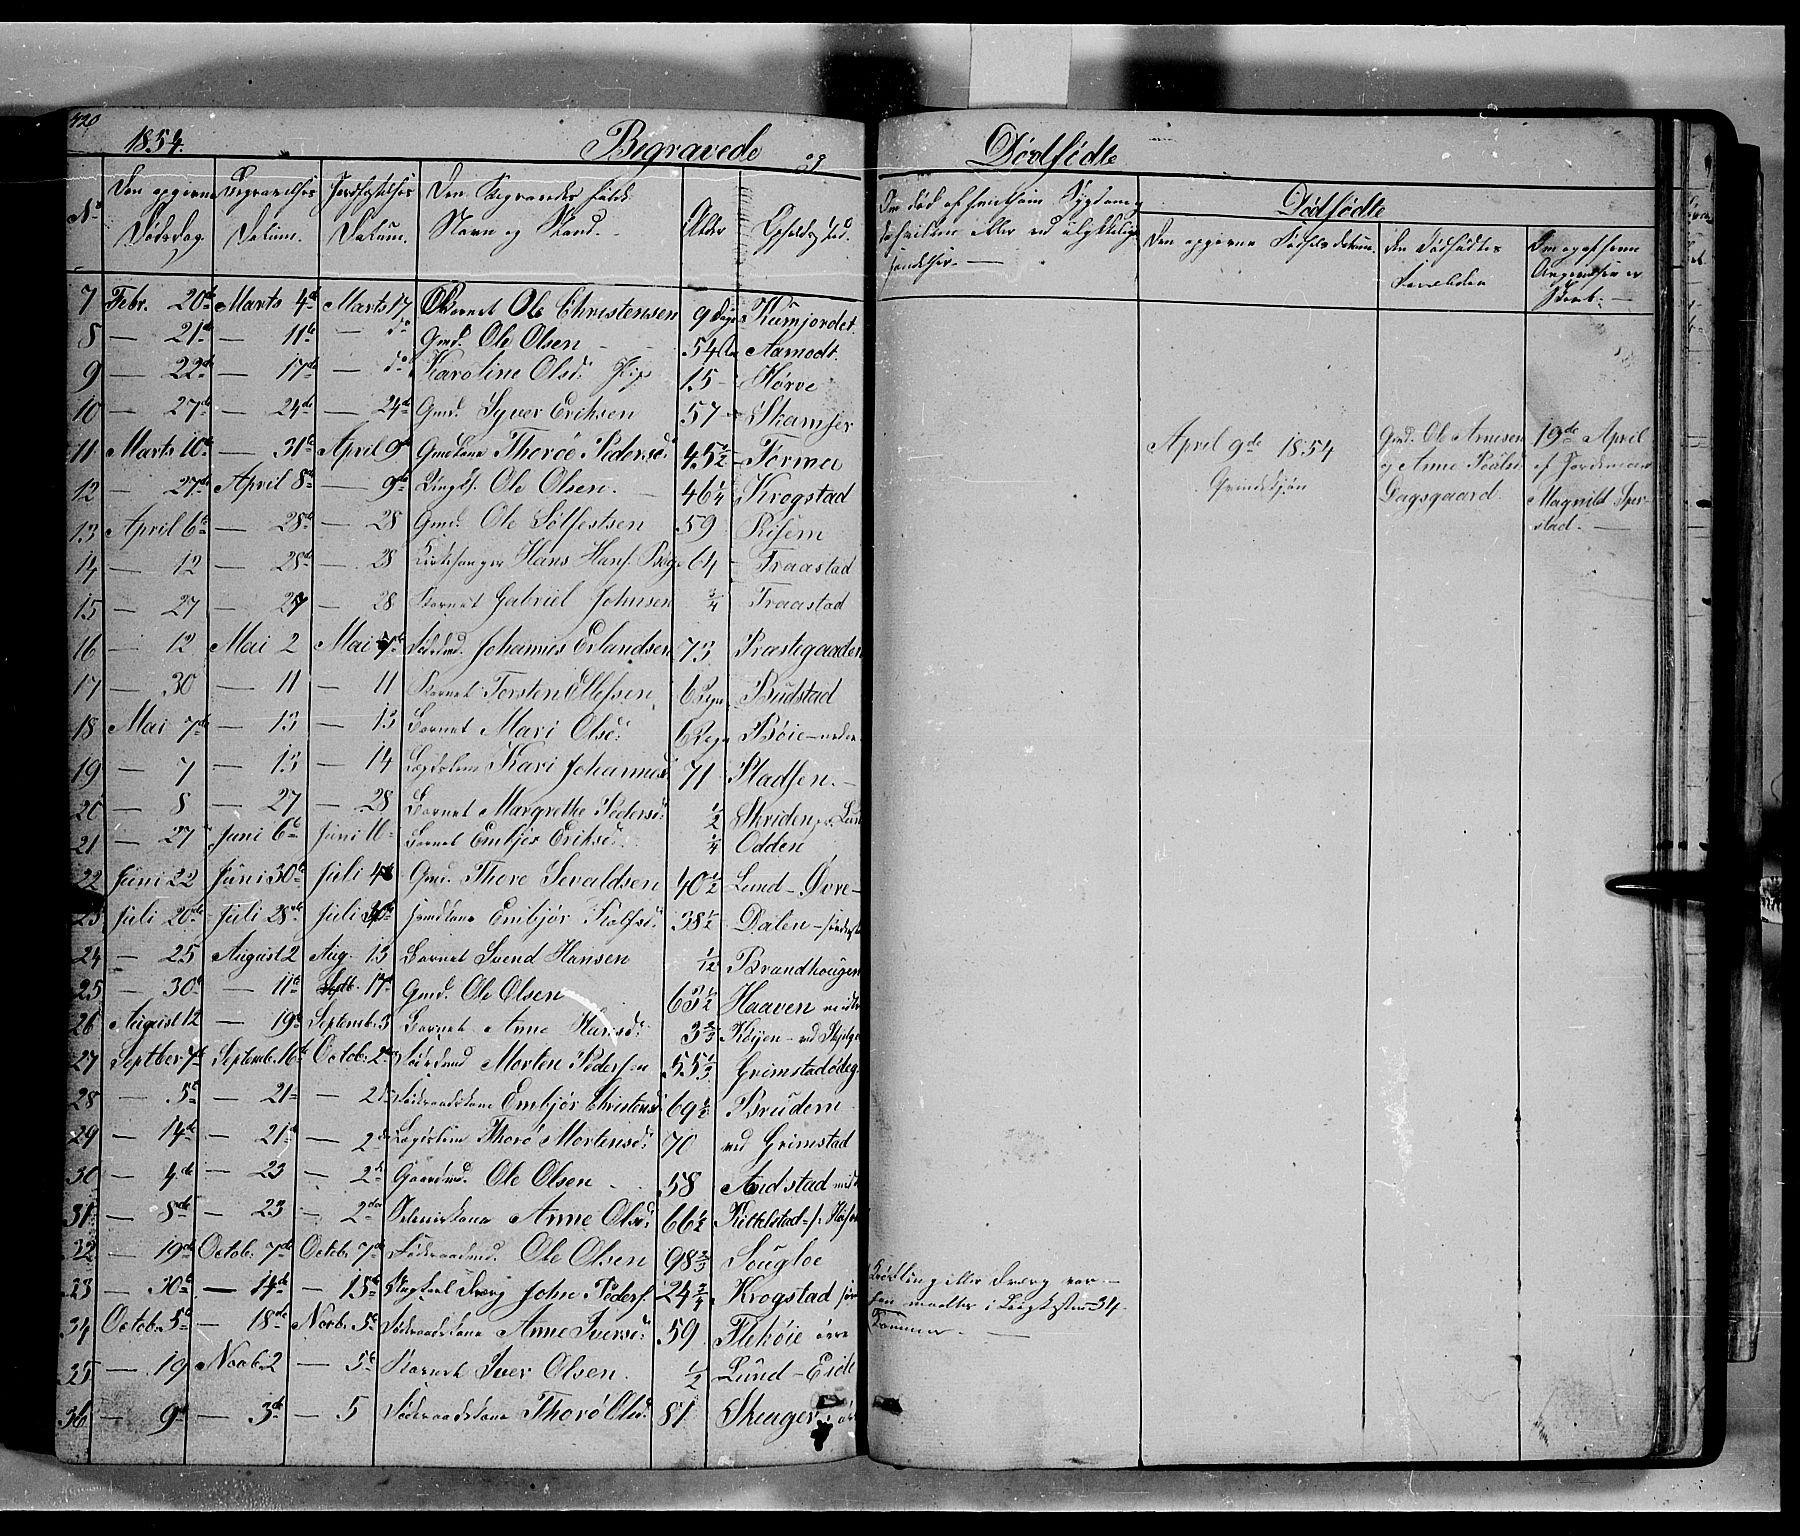 SAH, Lom prestekontor, L/L0004: Klokkerbok nr. 4, 1845-1864, s. 420-421